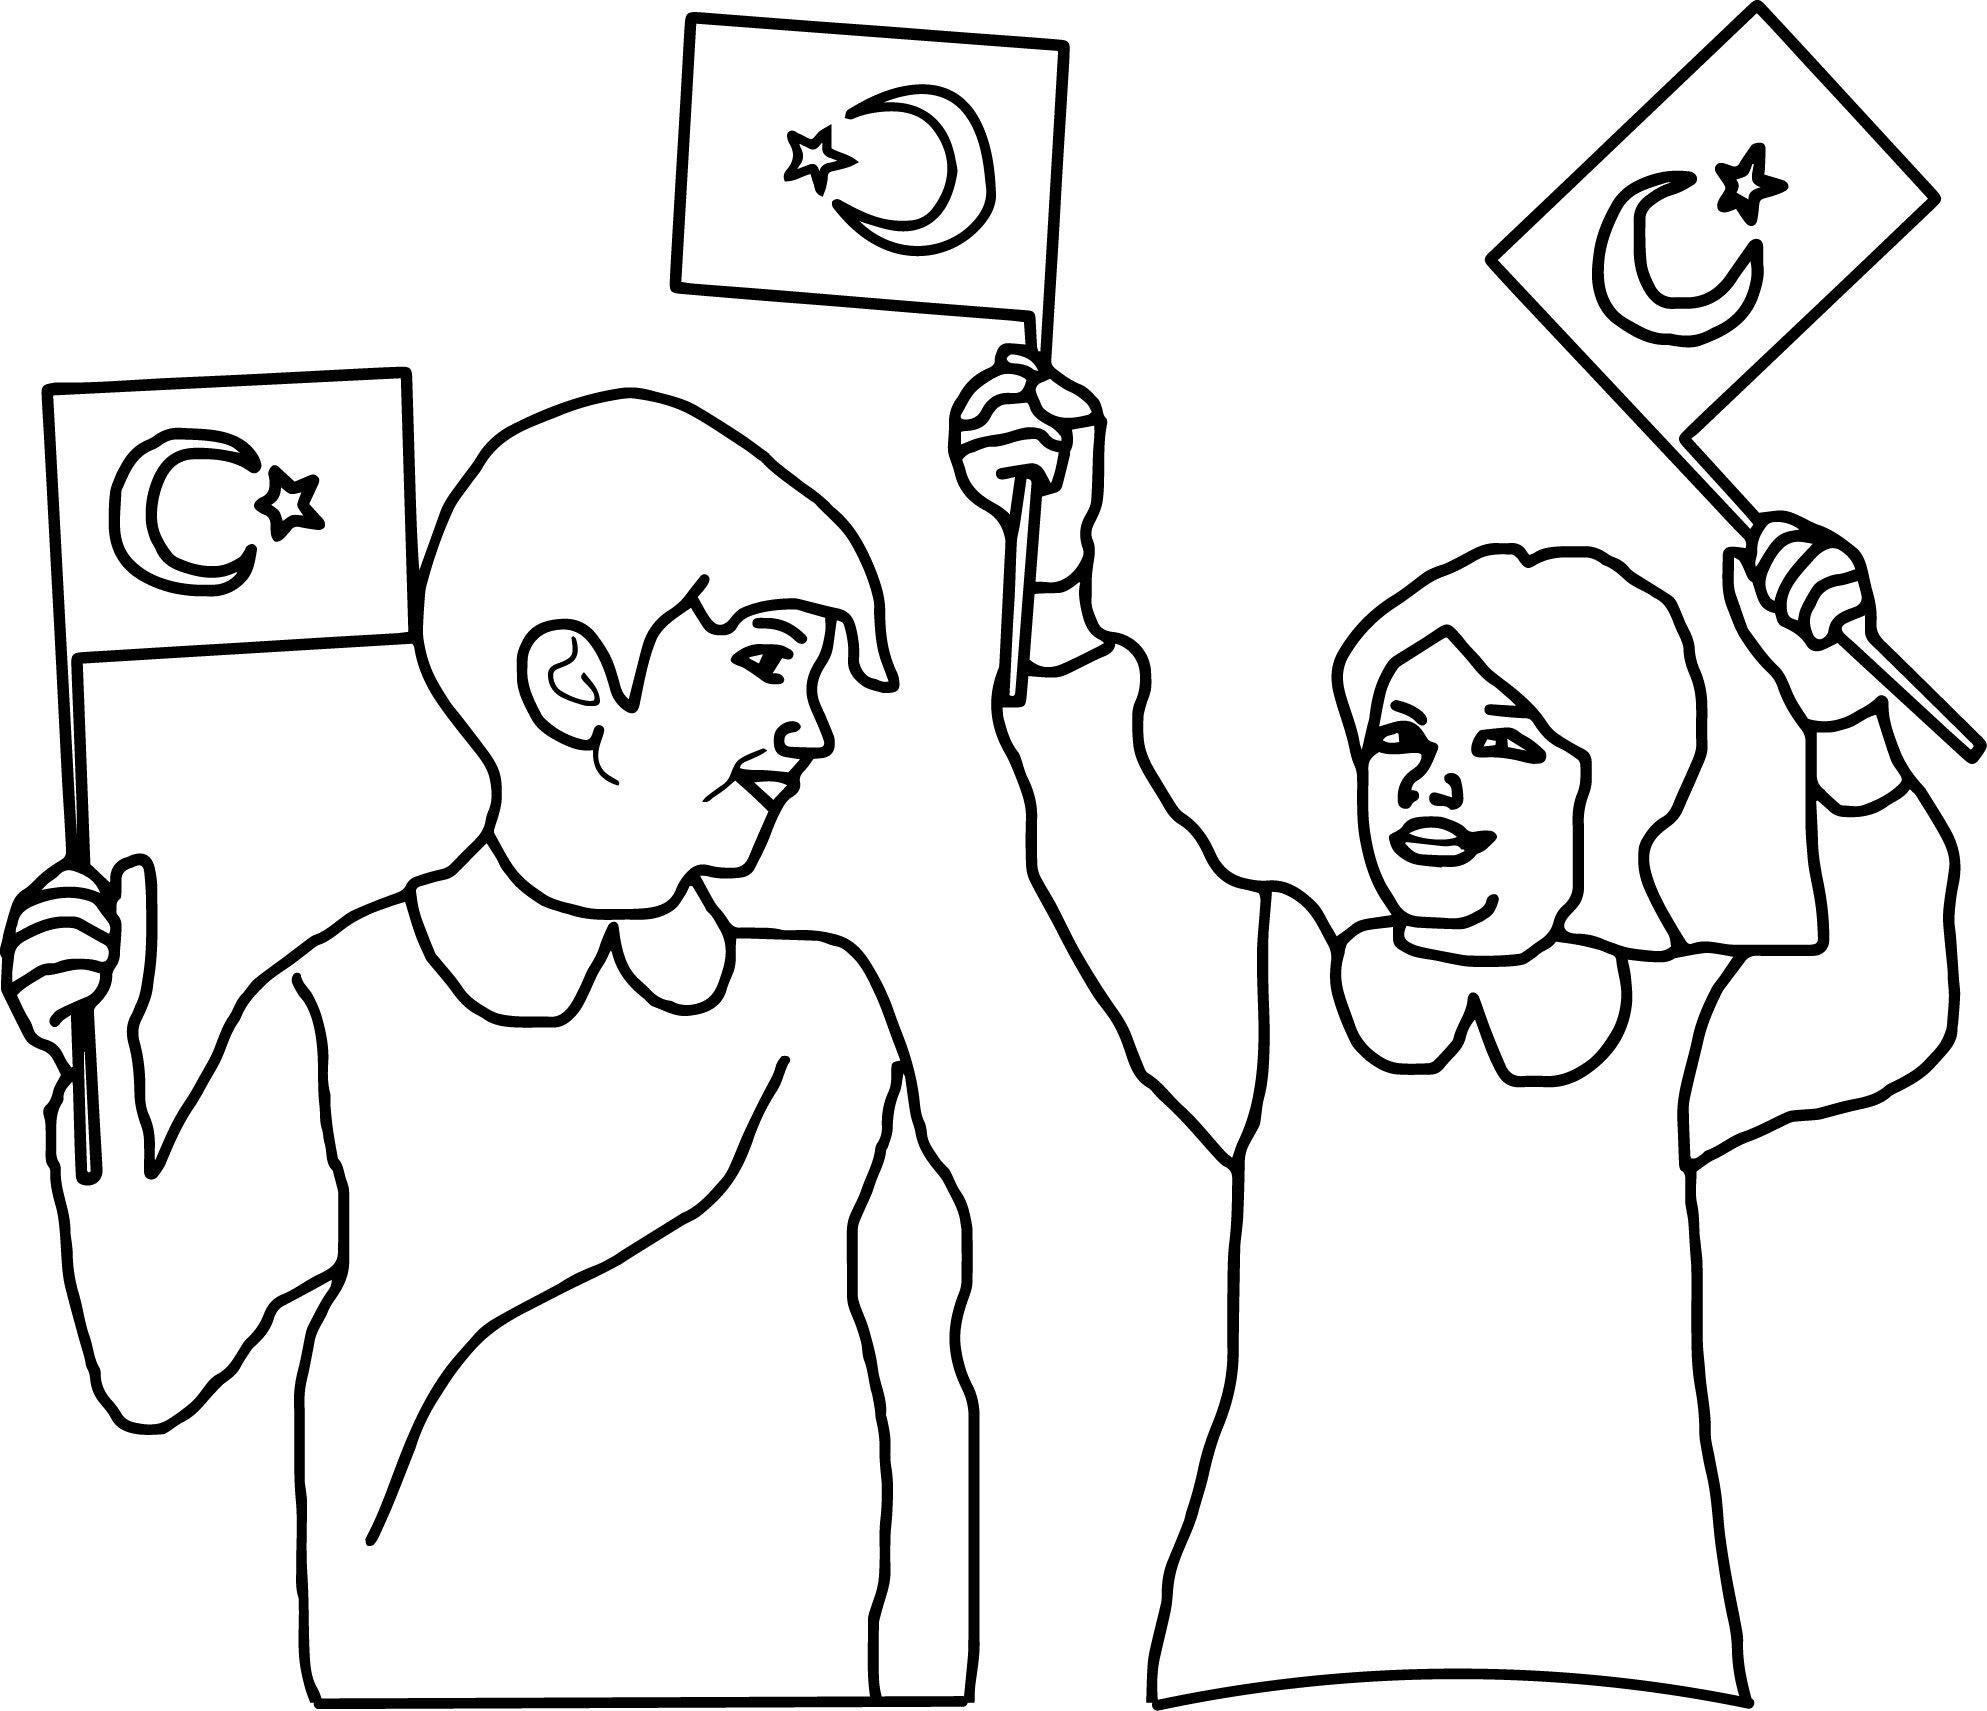 29 Ekim Cumhuriyet Bayramı Ile Ilgili Resimli çizimler Secdem